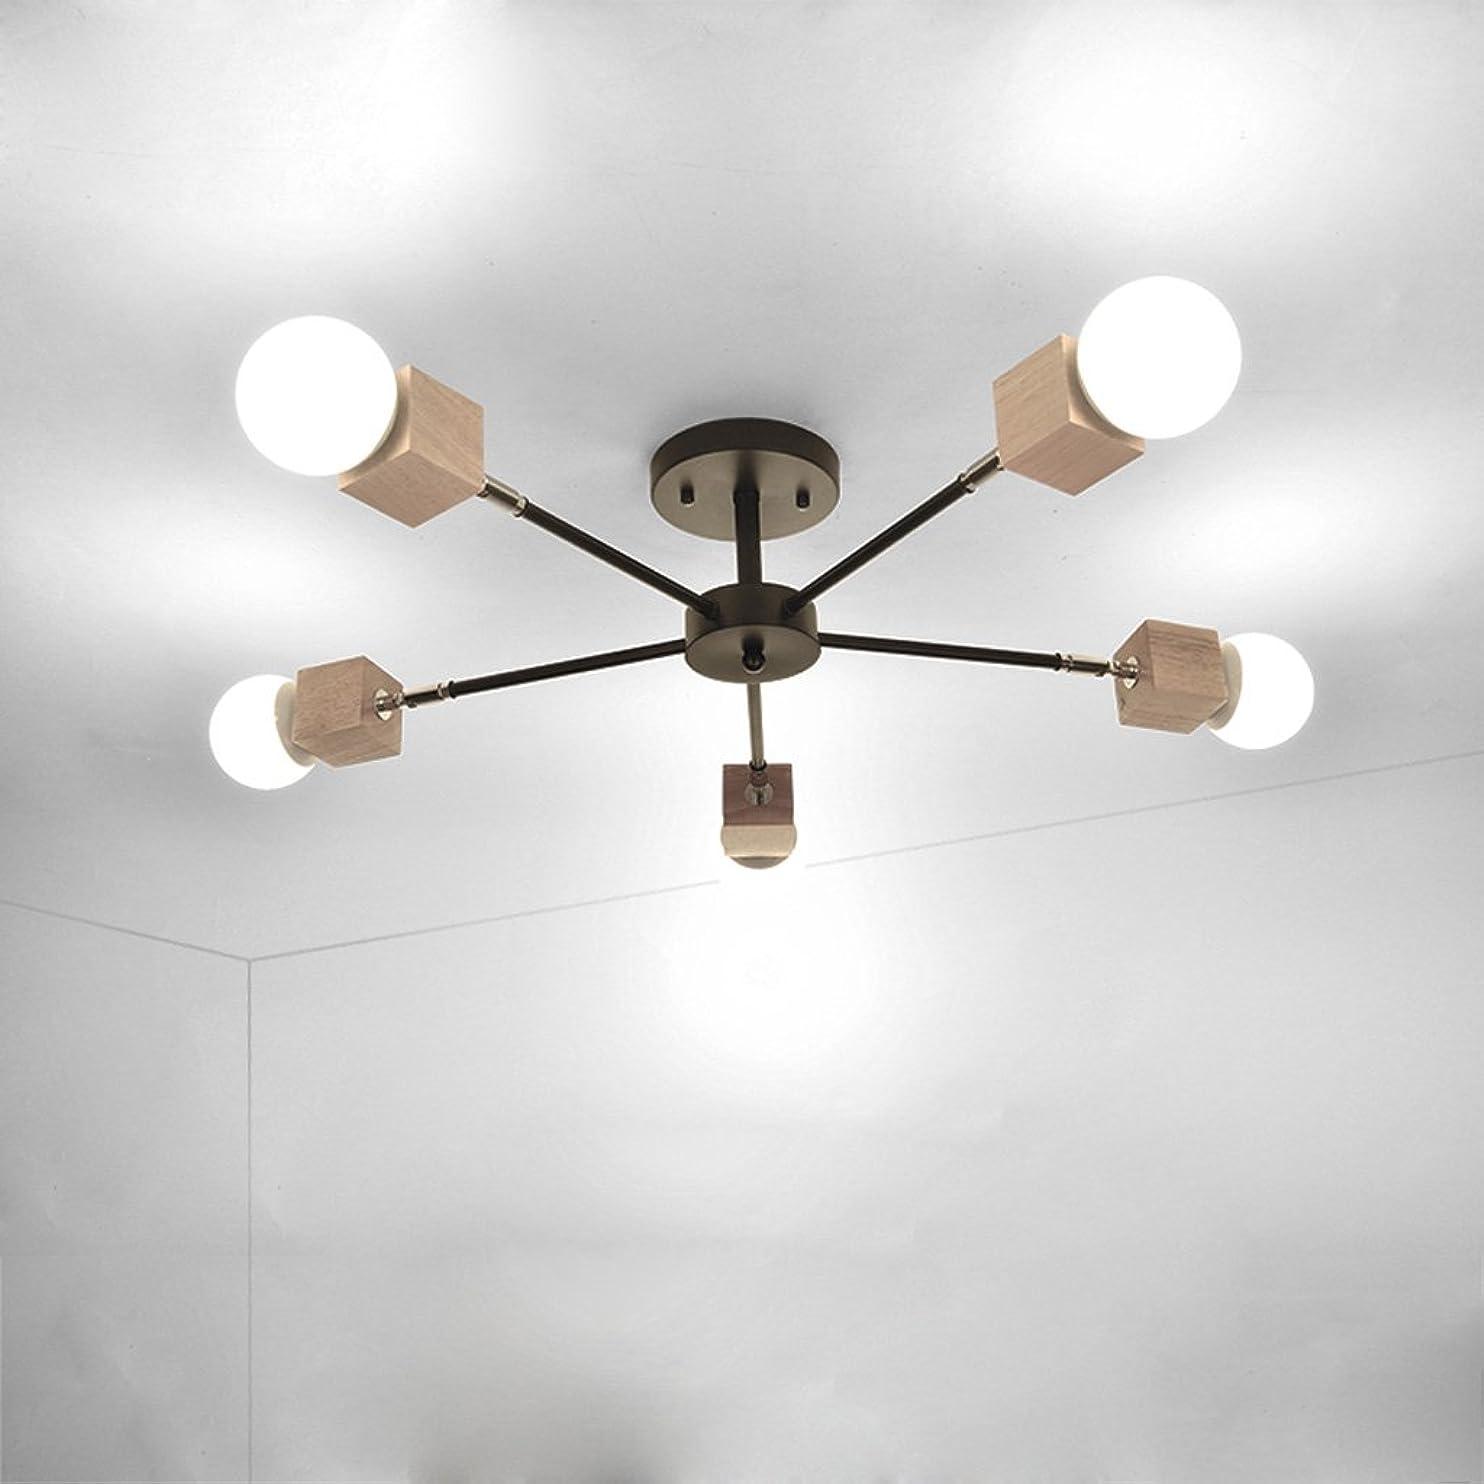 喜劇ファイター近所のDCCRBR シンプルなリビングルーム天井5ライトレストランマスターベッドルームランプ創造的な人格研究子供部屋アートランプ 天井シャンデリア